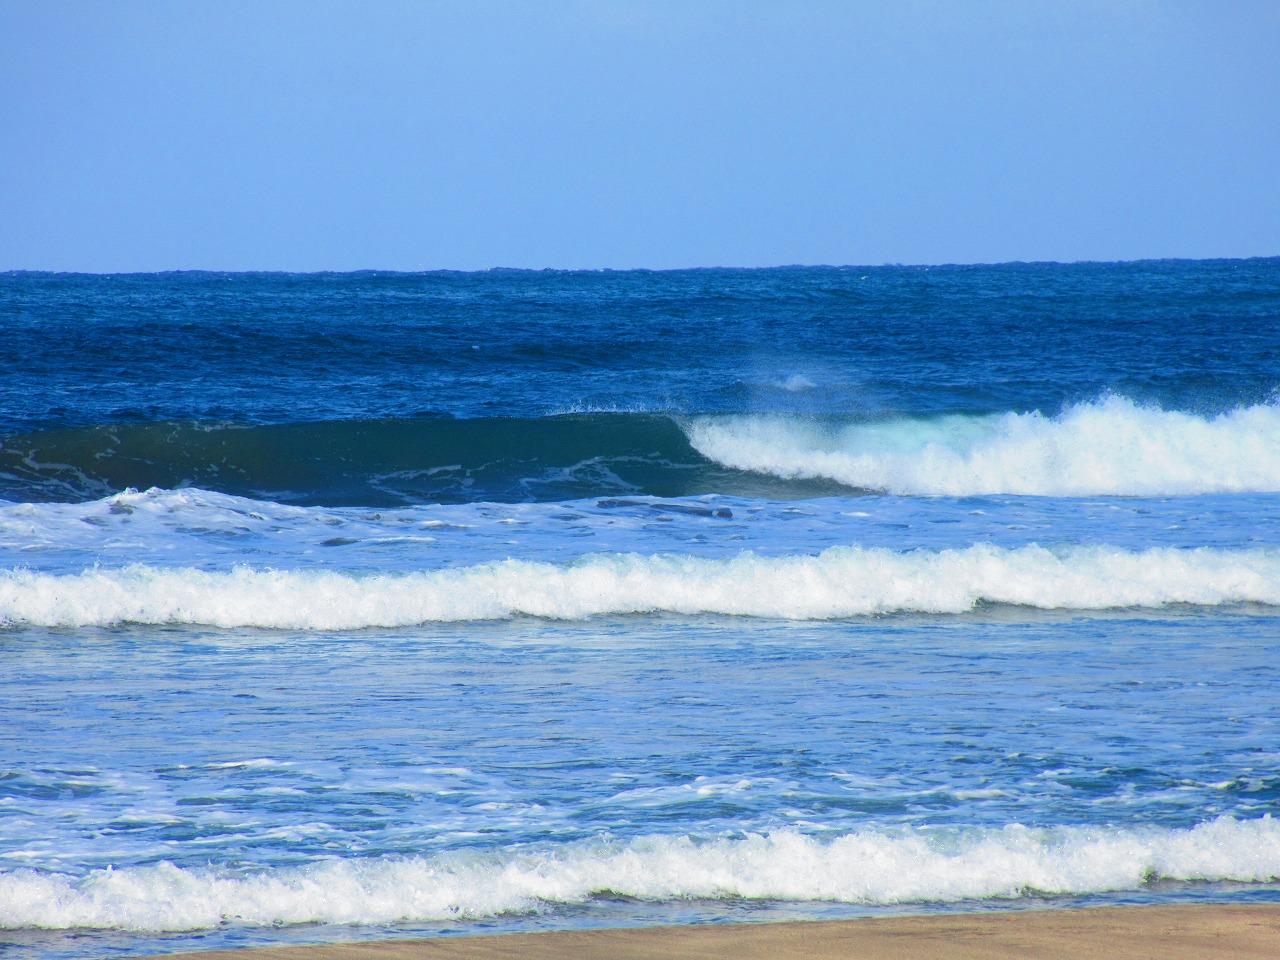 春の粟津海岸でSUPサーフィン|GWの水温はまだ低そう